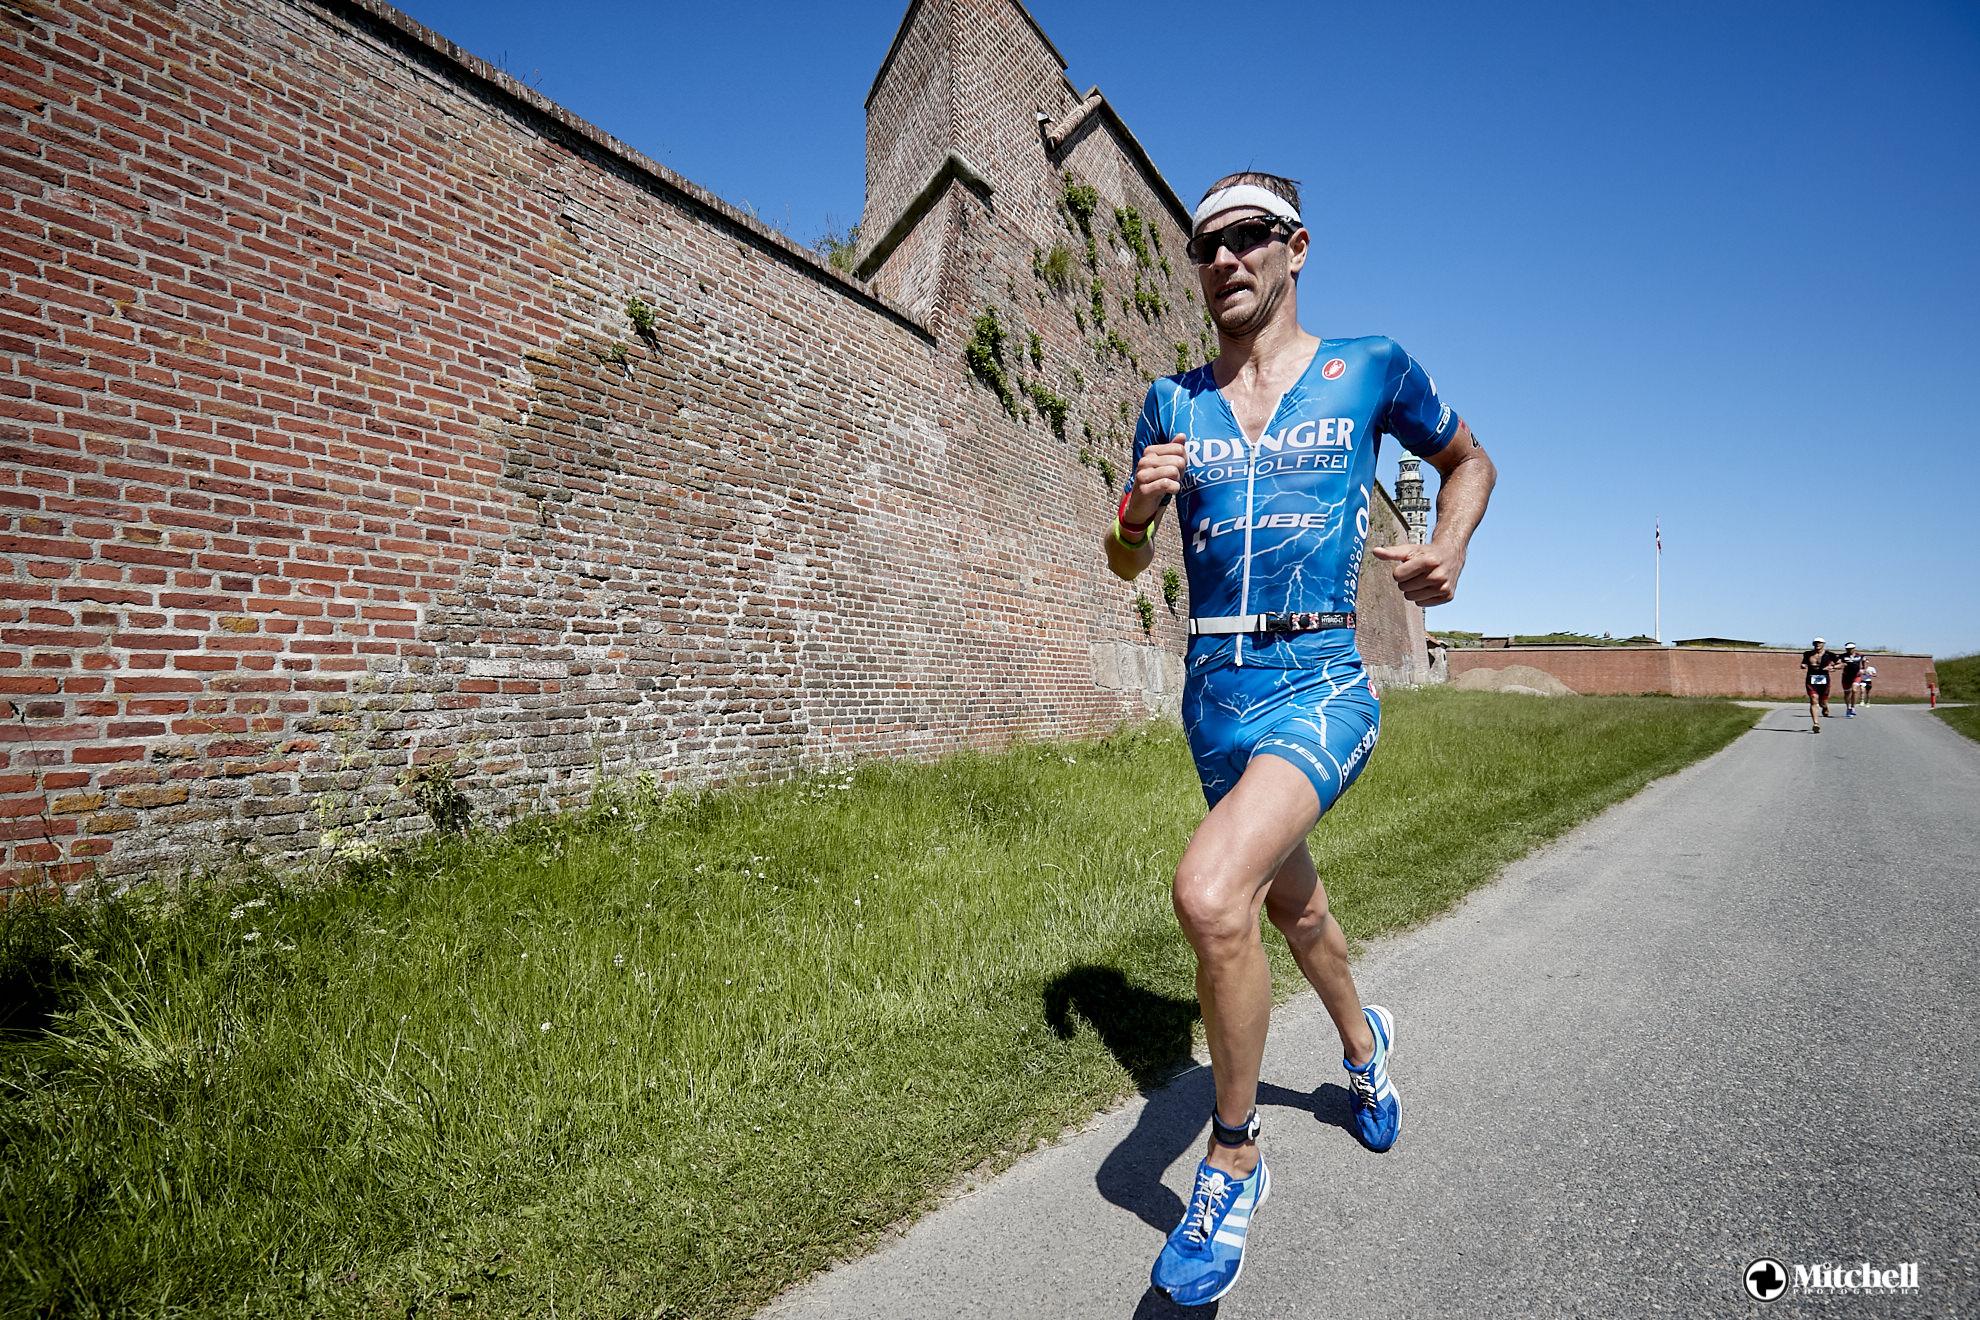 Triathlet läuft im blauen Triathlon-Einteiler.